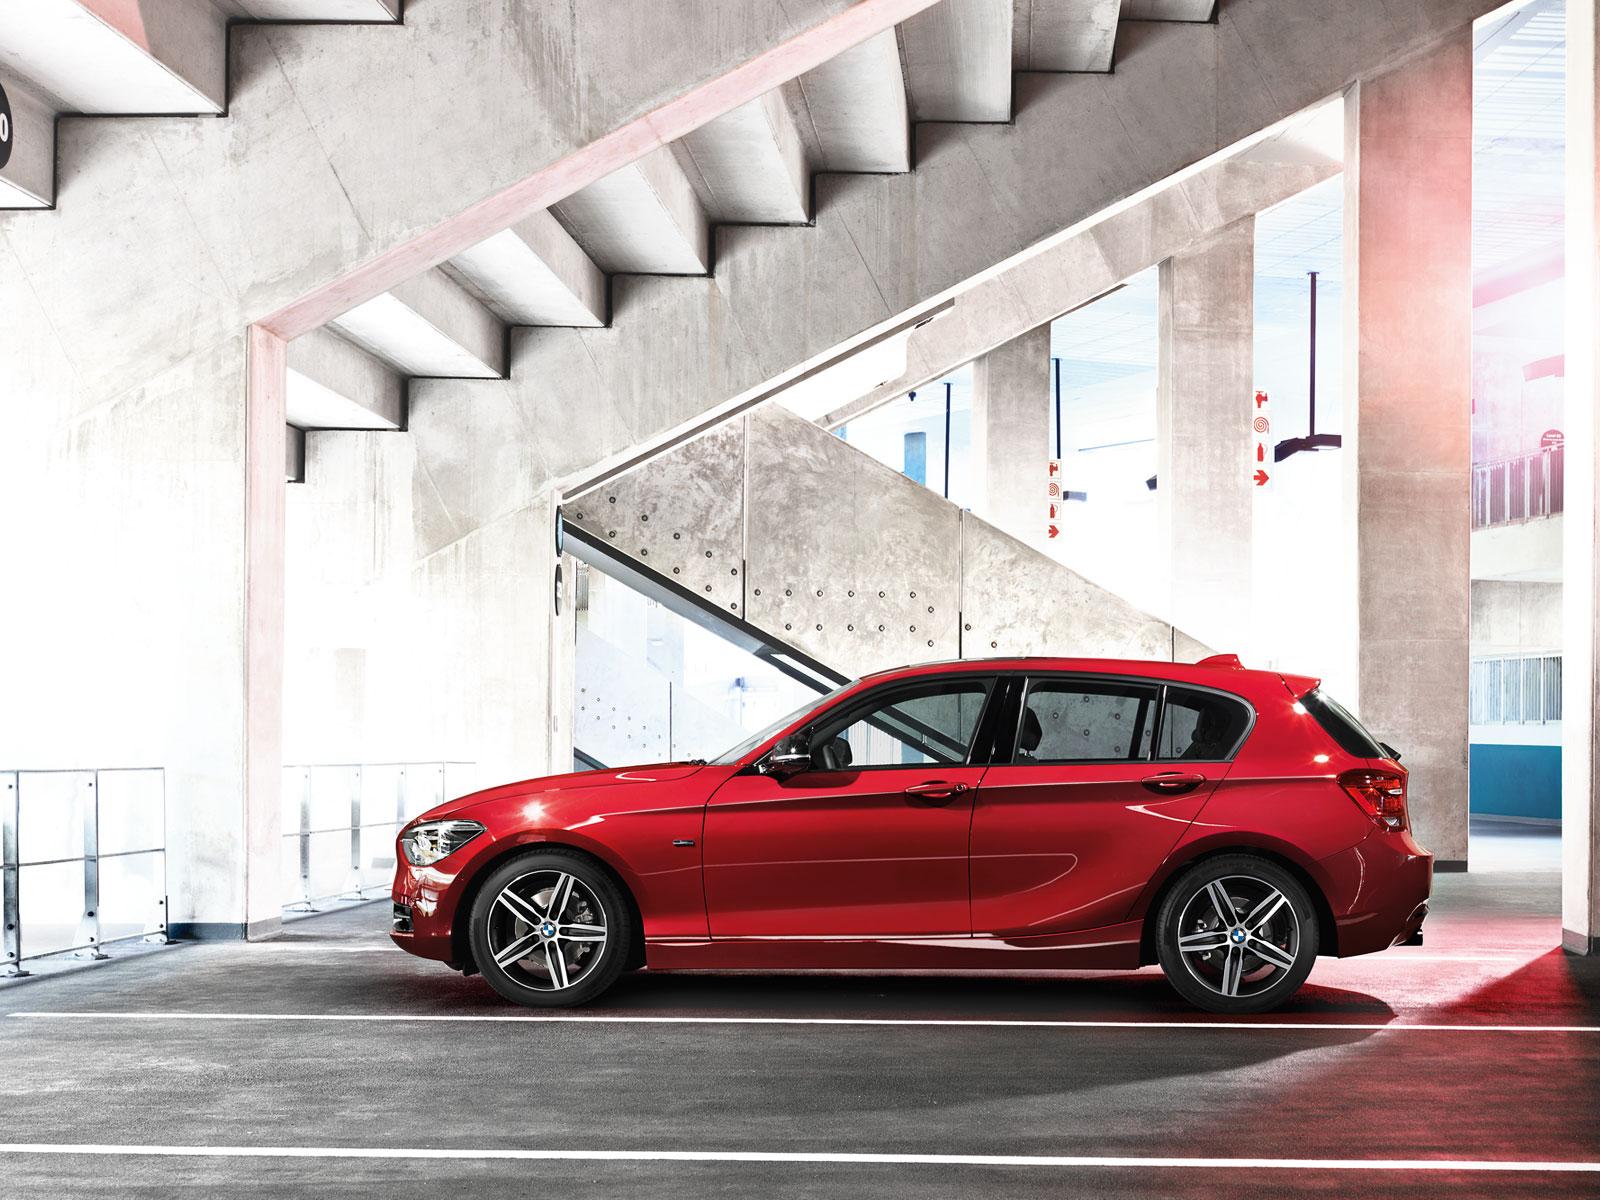 BMW_1series_wallpaper_09_1600